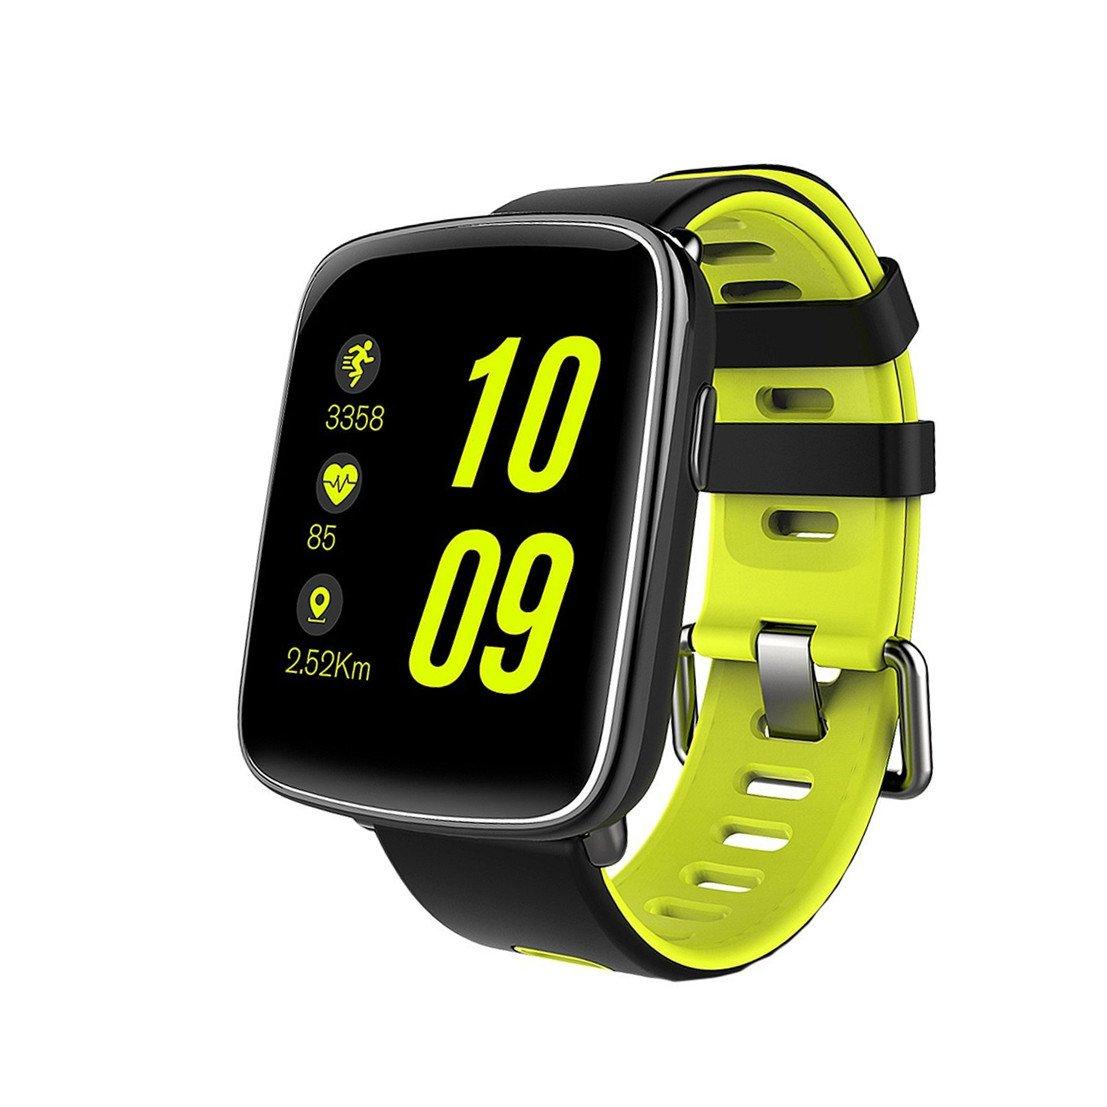 Smart Watch MindKoo Reloj Inteligente de Pulsera Muñeca Impermeable de IP68 Deportivo Bluetooth 4.0 Multifunciones Correa reemplazable con Micrófono ...